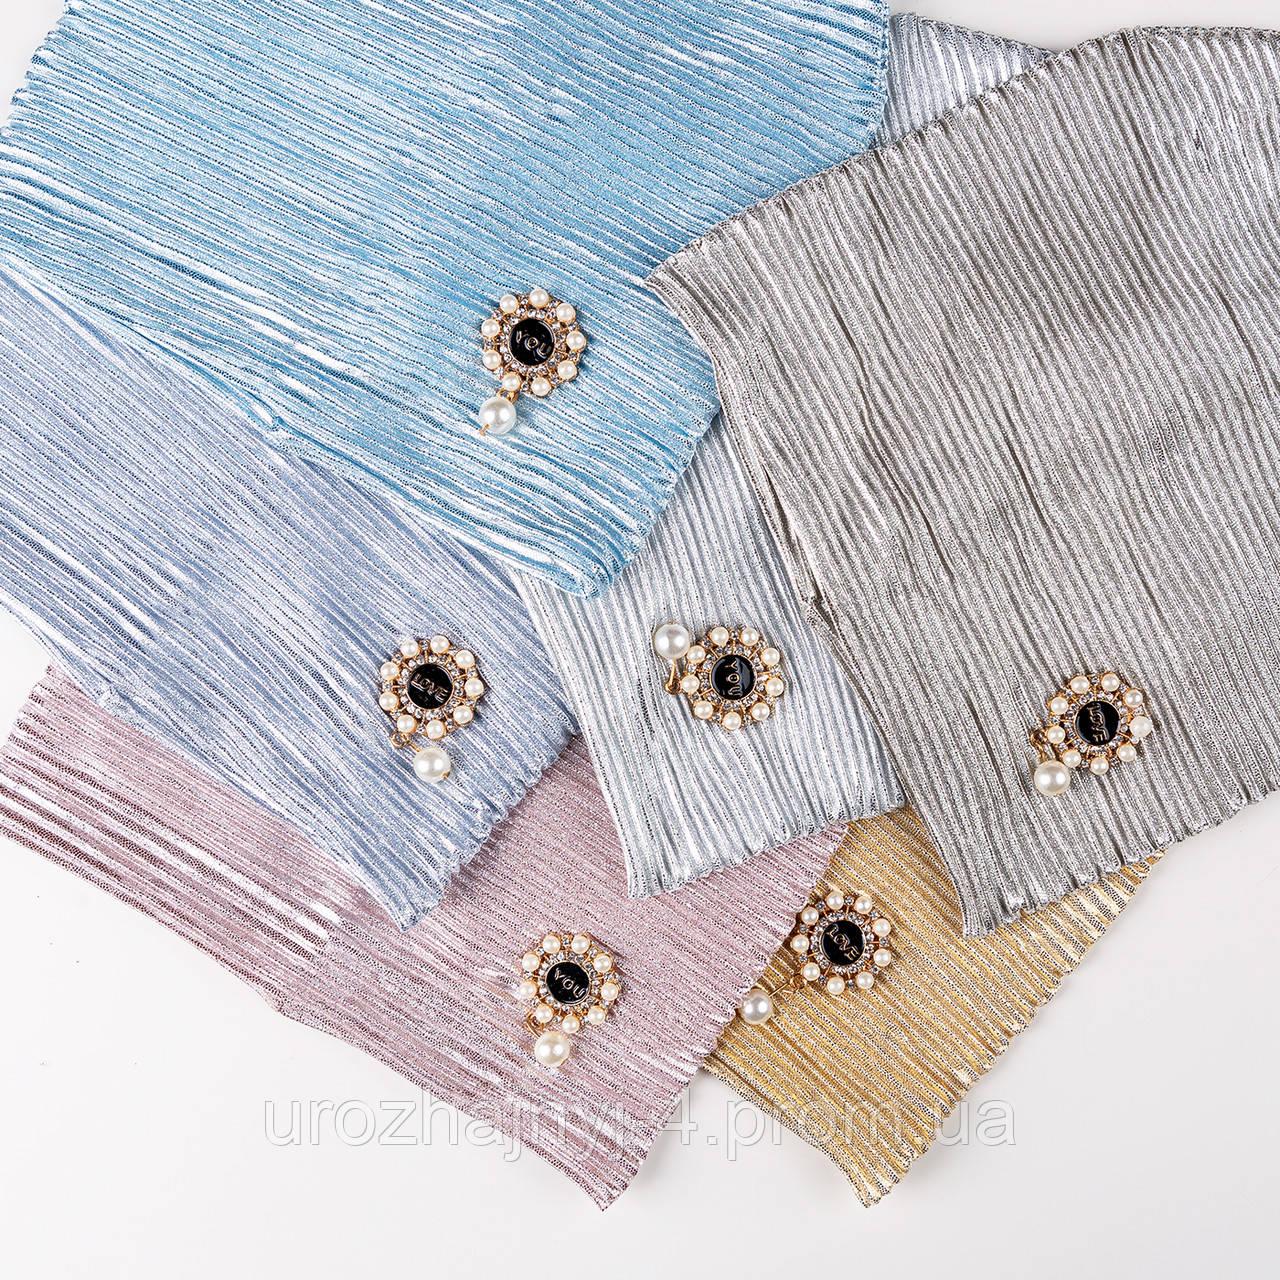 Трикотажная шапка для девочки подкладка х/б р48-50 5шт упаковка